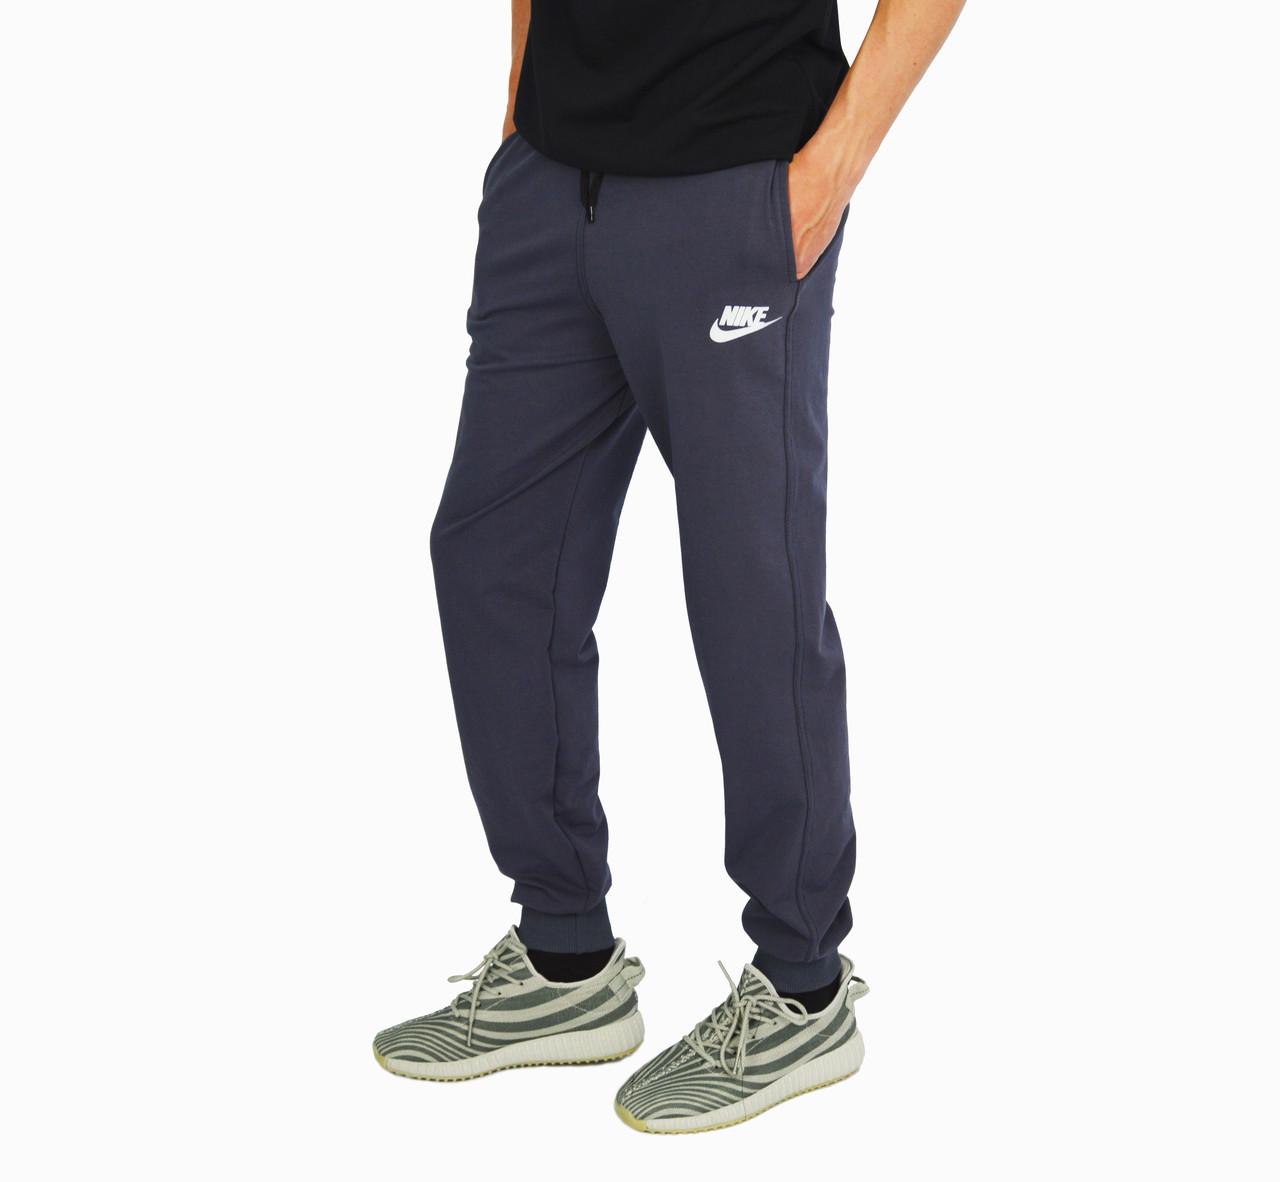 Темно-серые мужские спортивные трикотажные штаны с манжетами NIKE ... e7904c82421